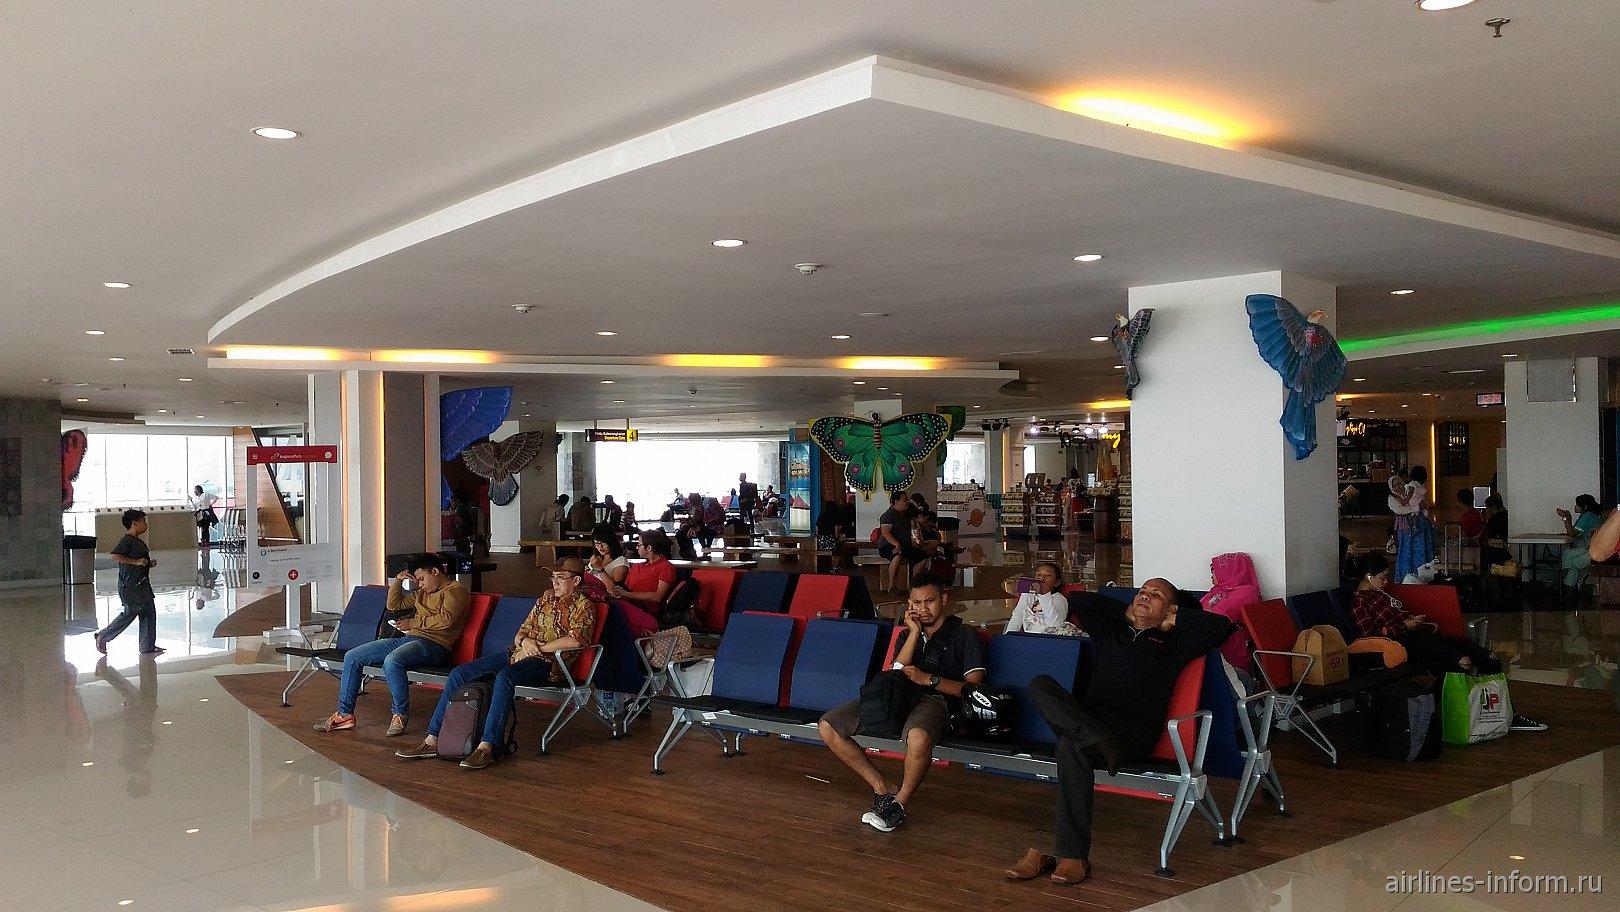 Зал ожидания в терминале внутренних линий аэропорта Денпасар Нгура Рай